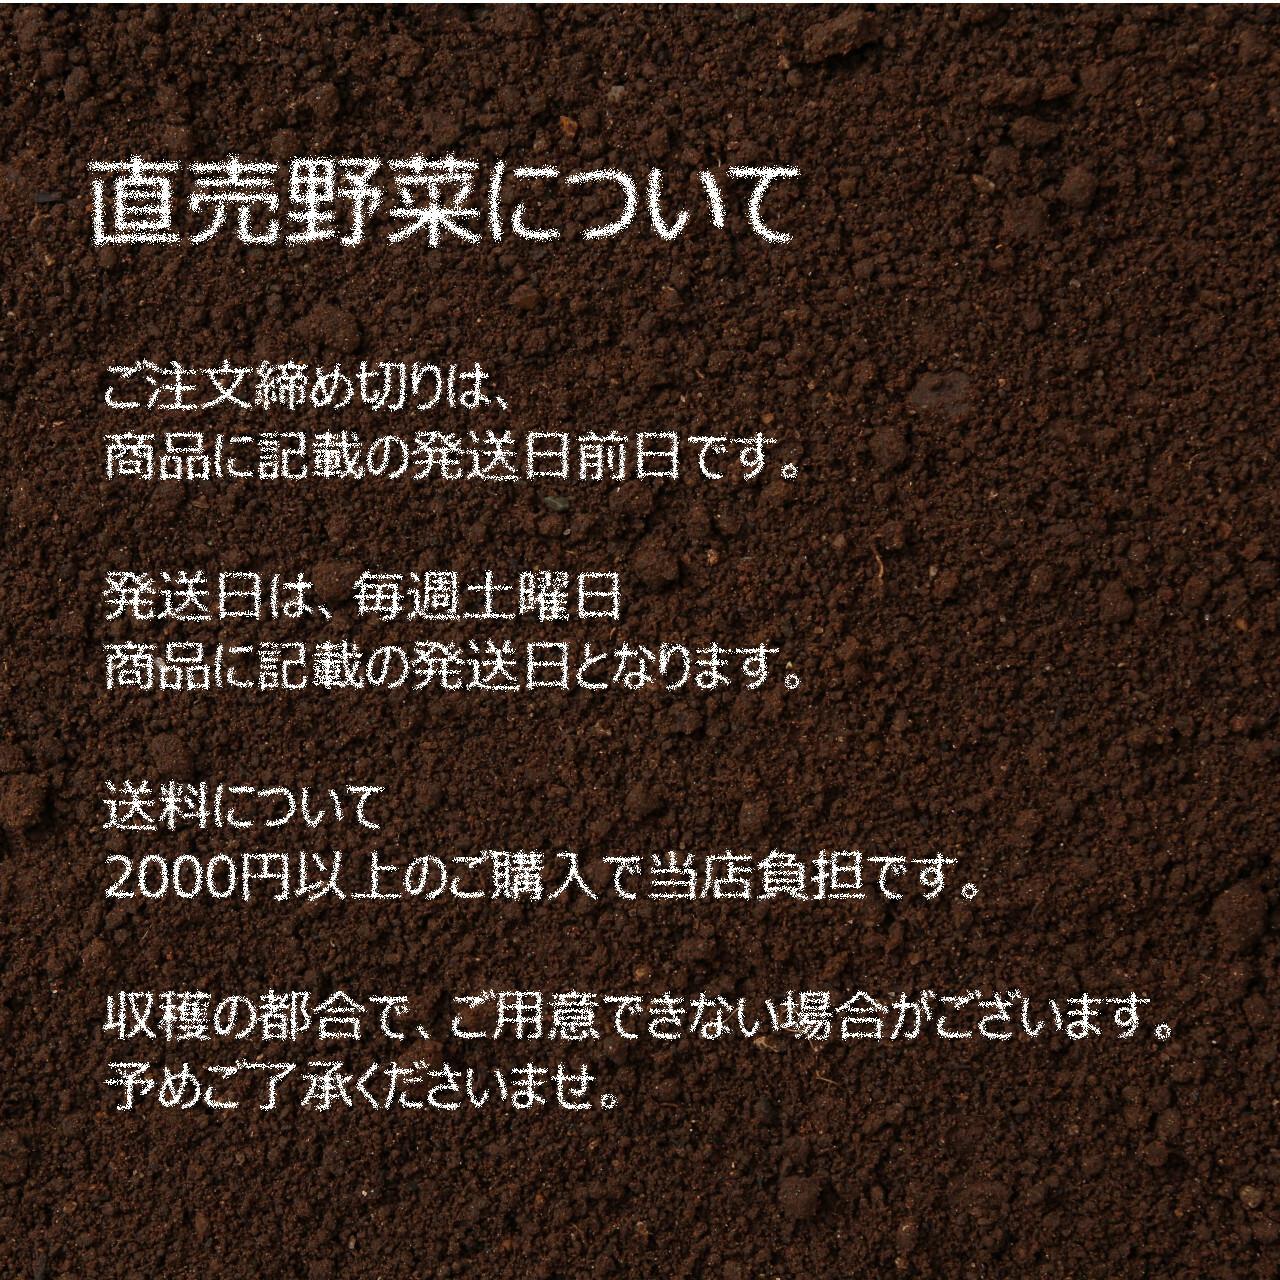 9月の朝採り直売野菜 : モロヘイヤ 約200g 新鮮な秋野菜 9月5日発送予定